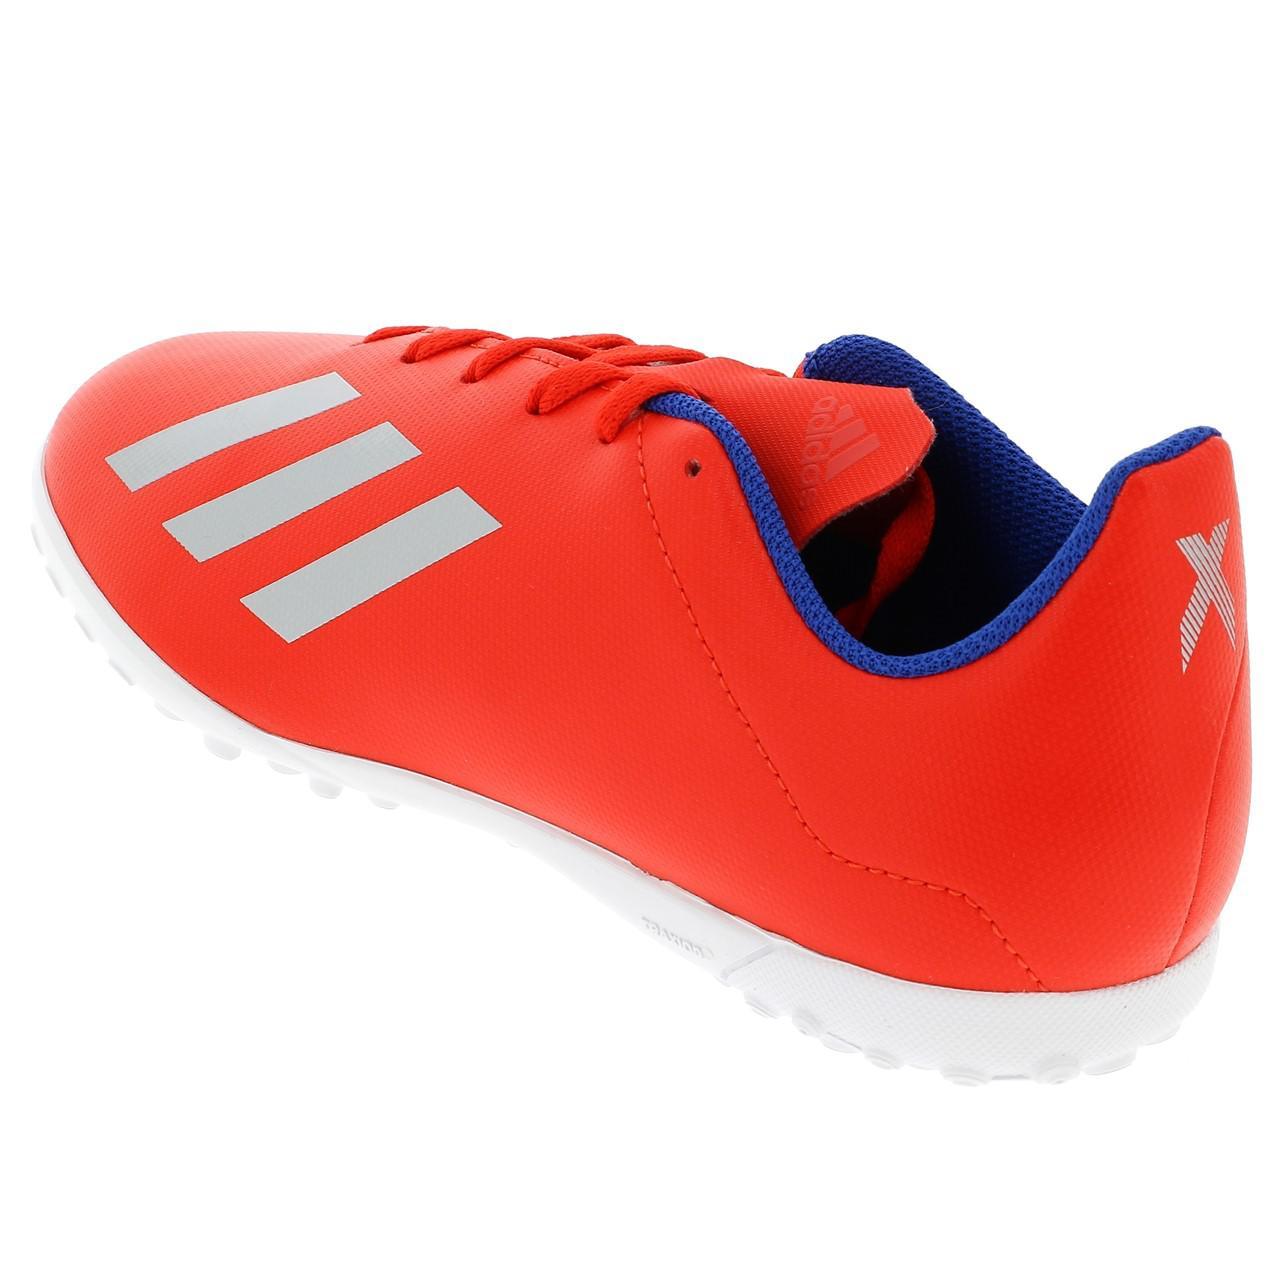 Football-Shoes-Bathroom-Indoor-Adidas-x-18-4-Tf-Jr-Red-54736-New thumbnail 3